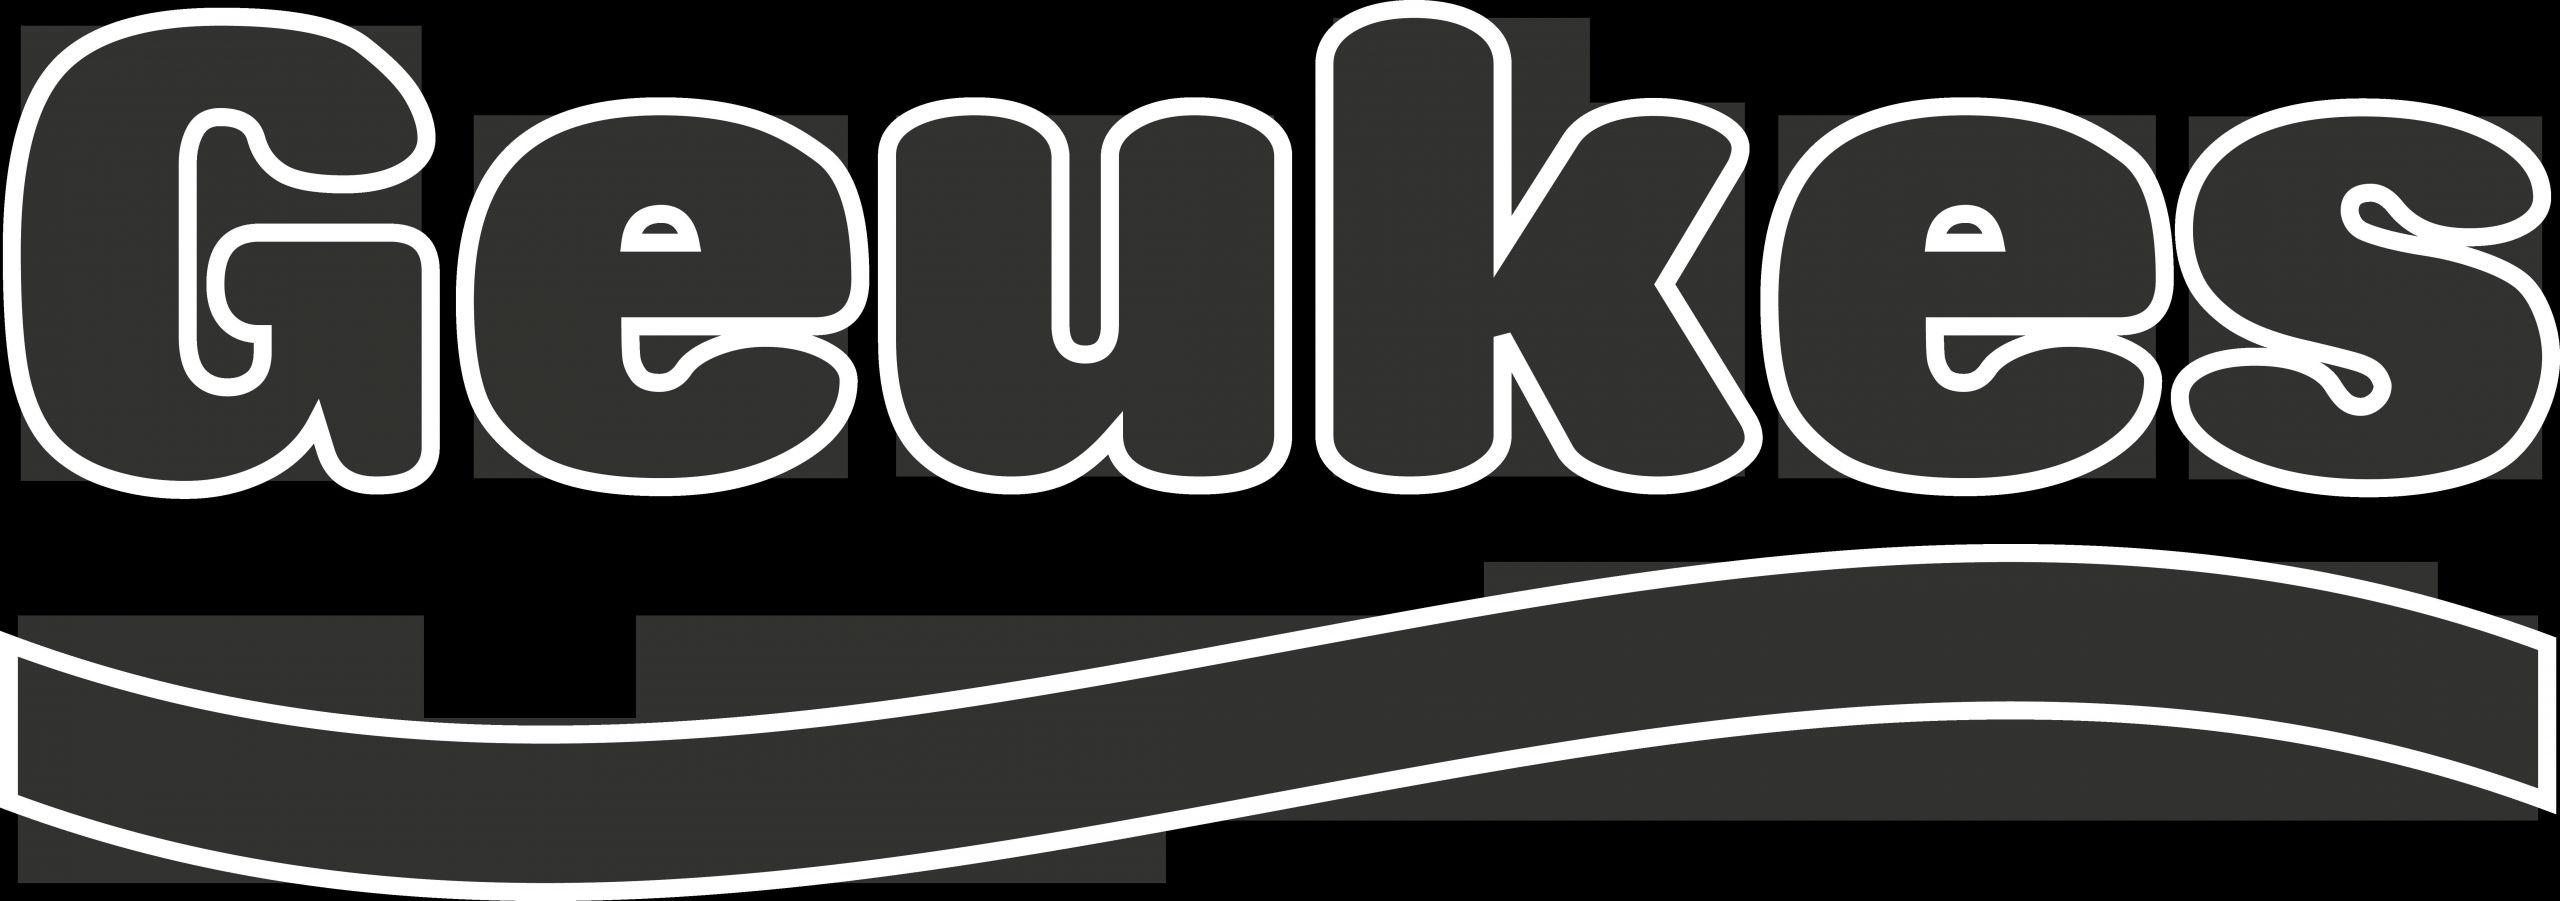 naturstein geukes logo